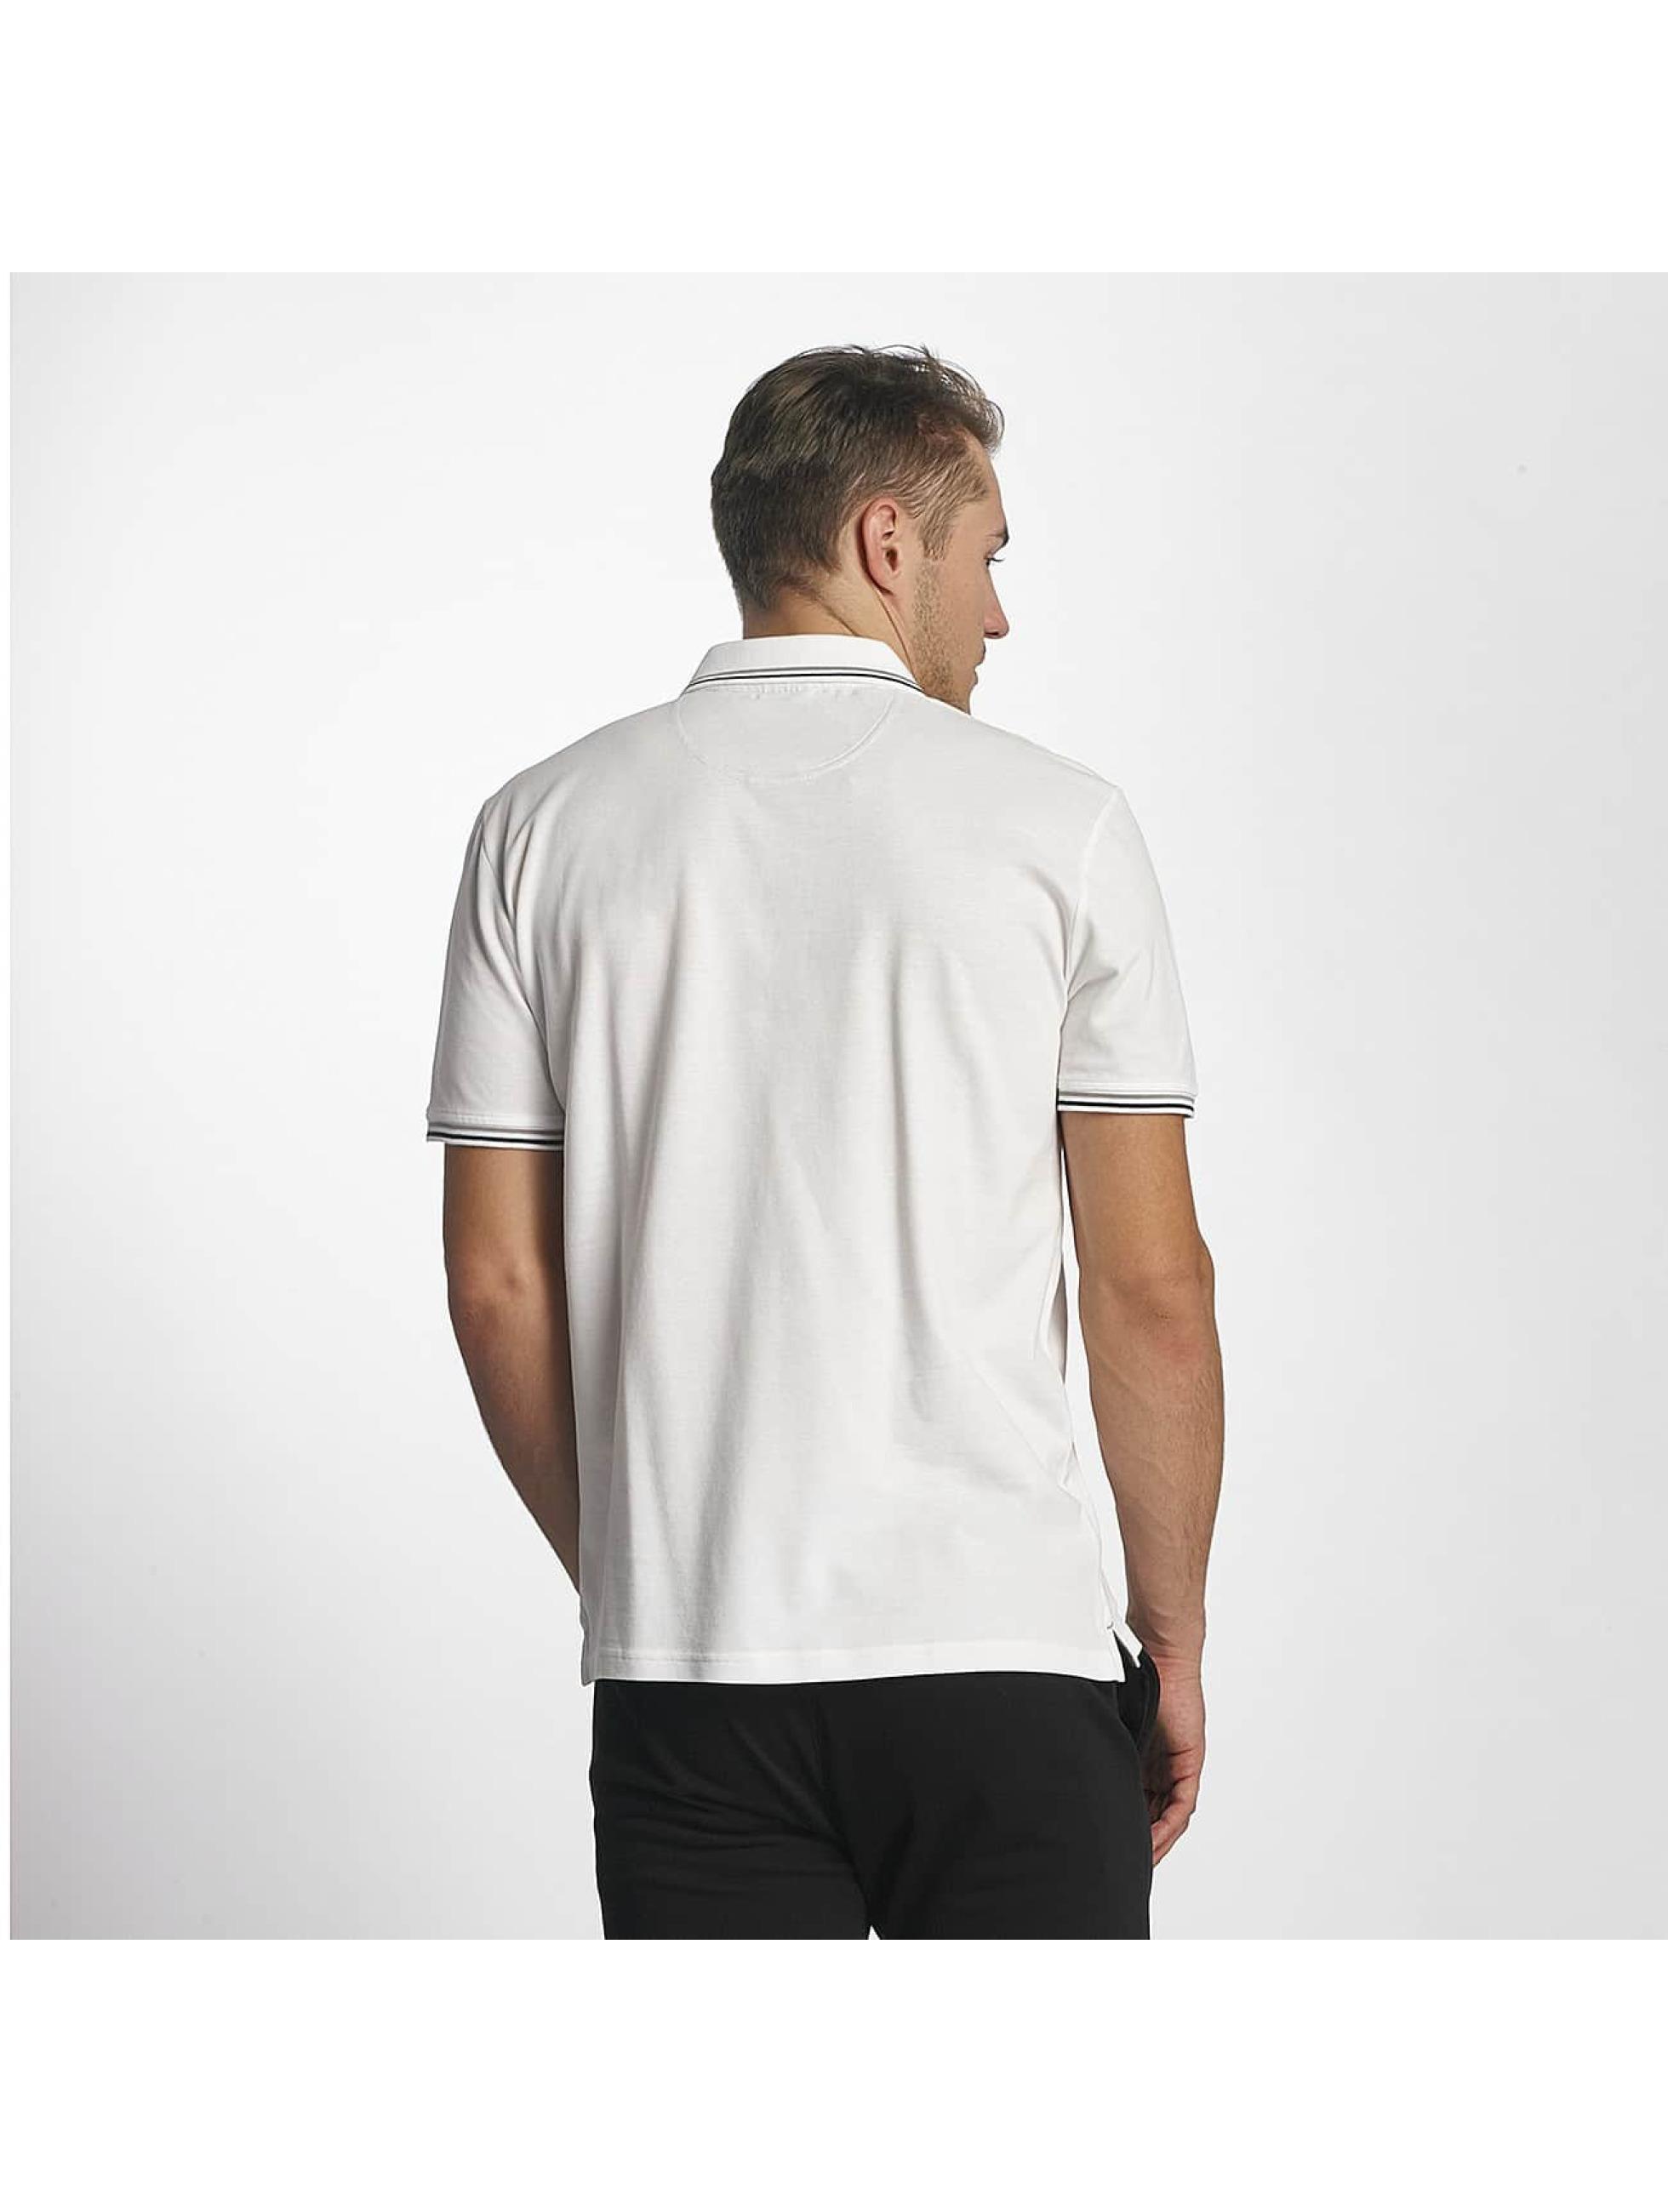 Champion Athletics Poloshirt Metropolitan white